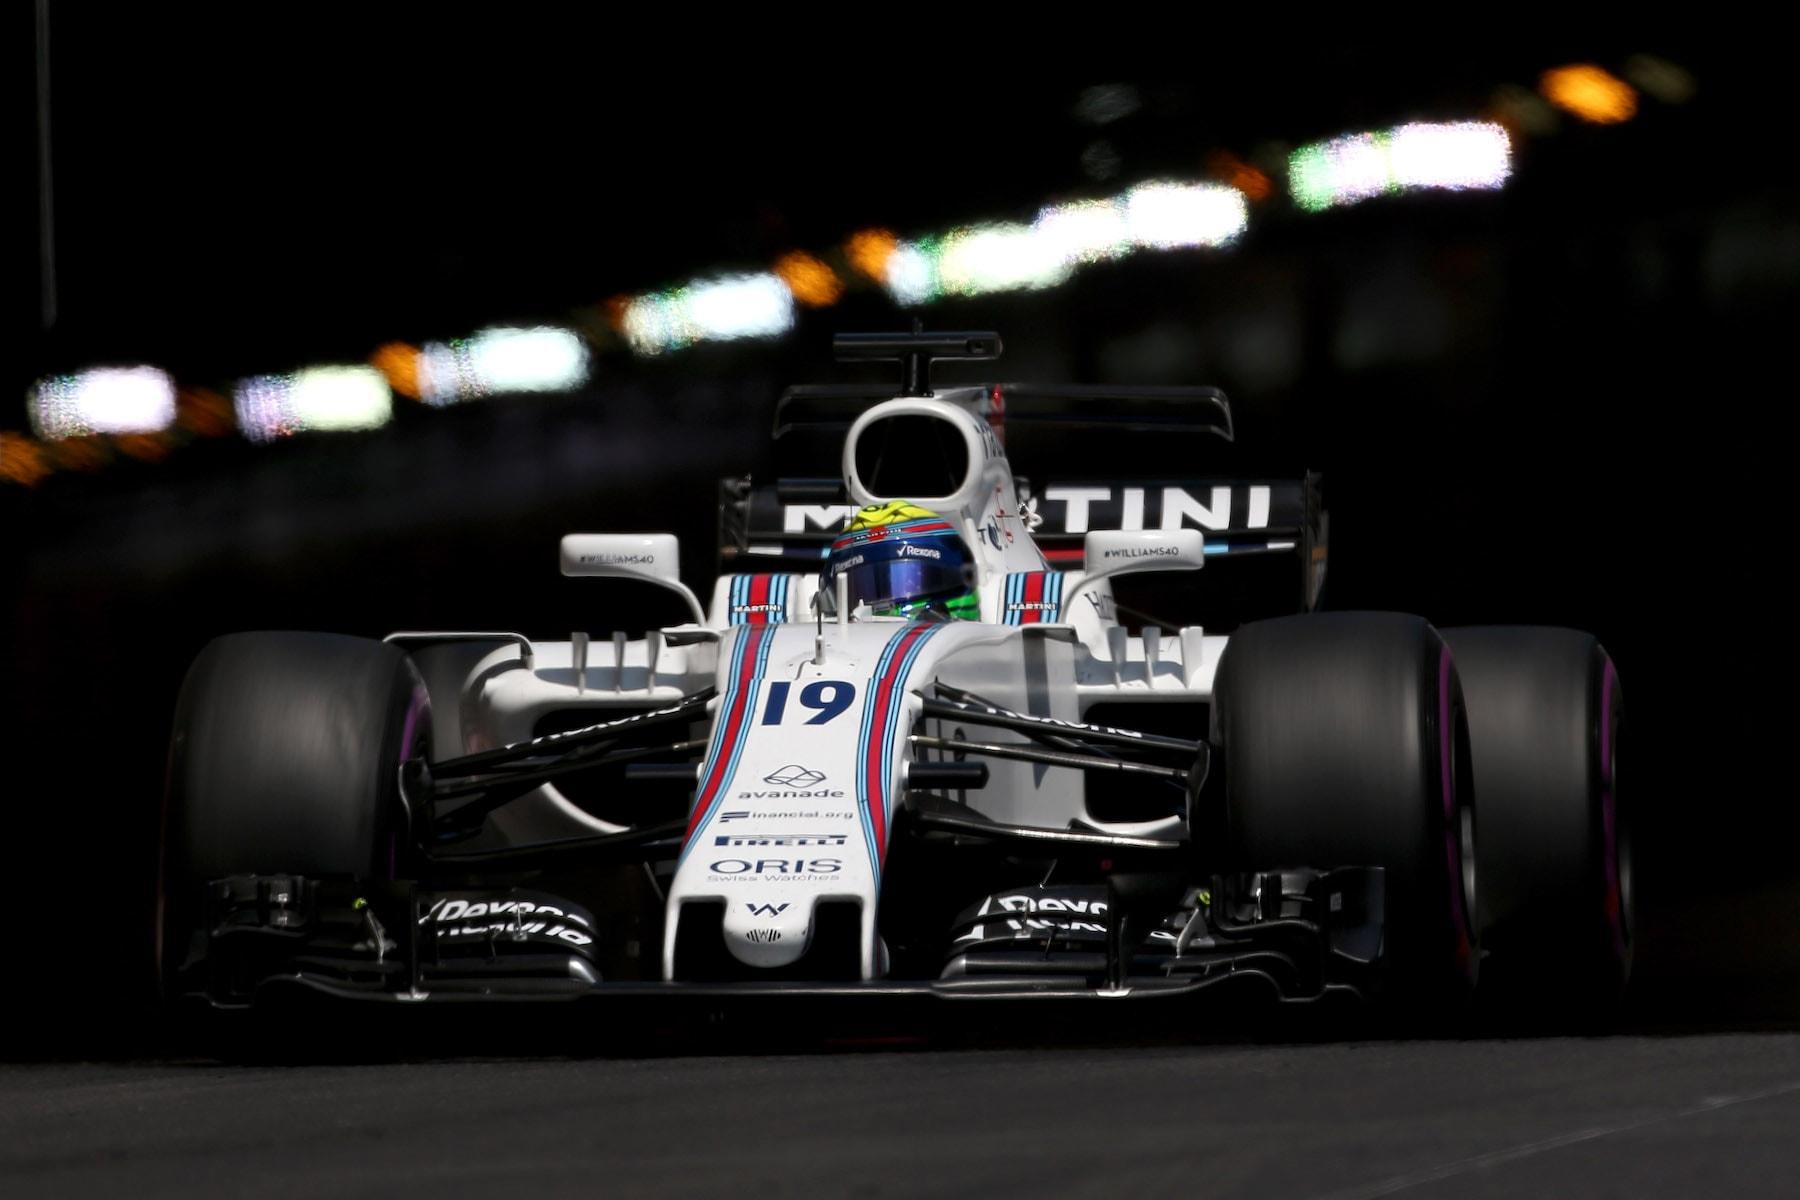 G 2017 Felipe Massa | Williams FW40 | 2017 Monaco GP 2 copy.jpg